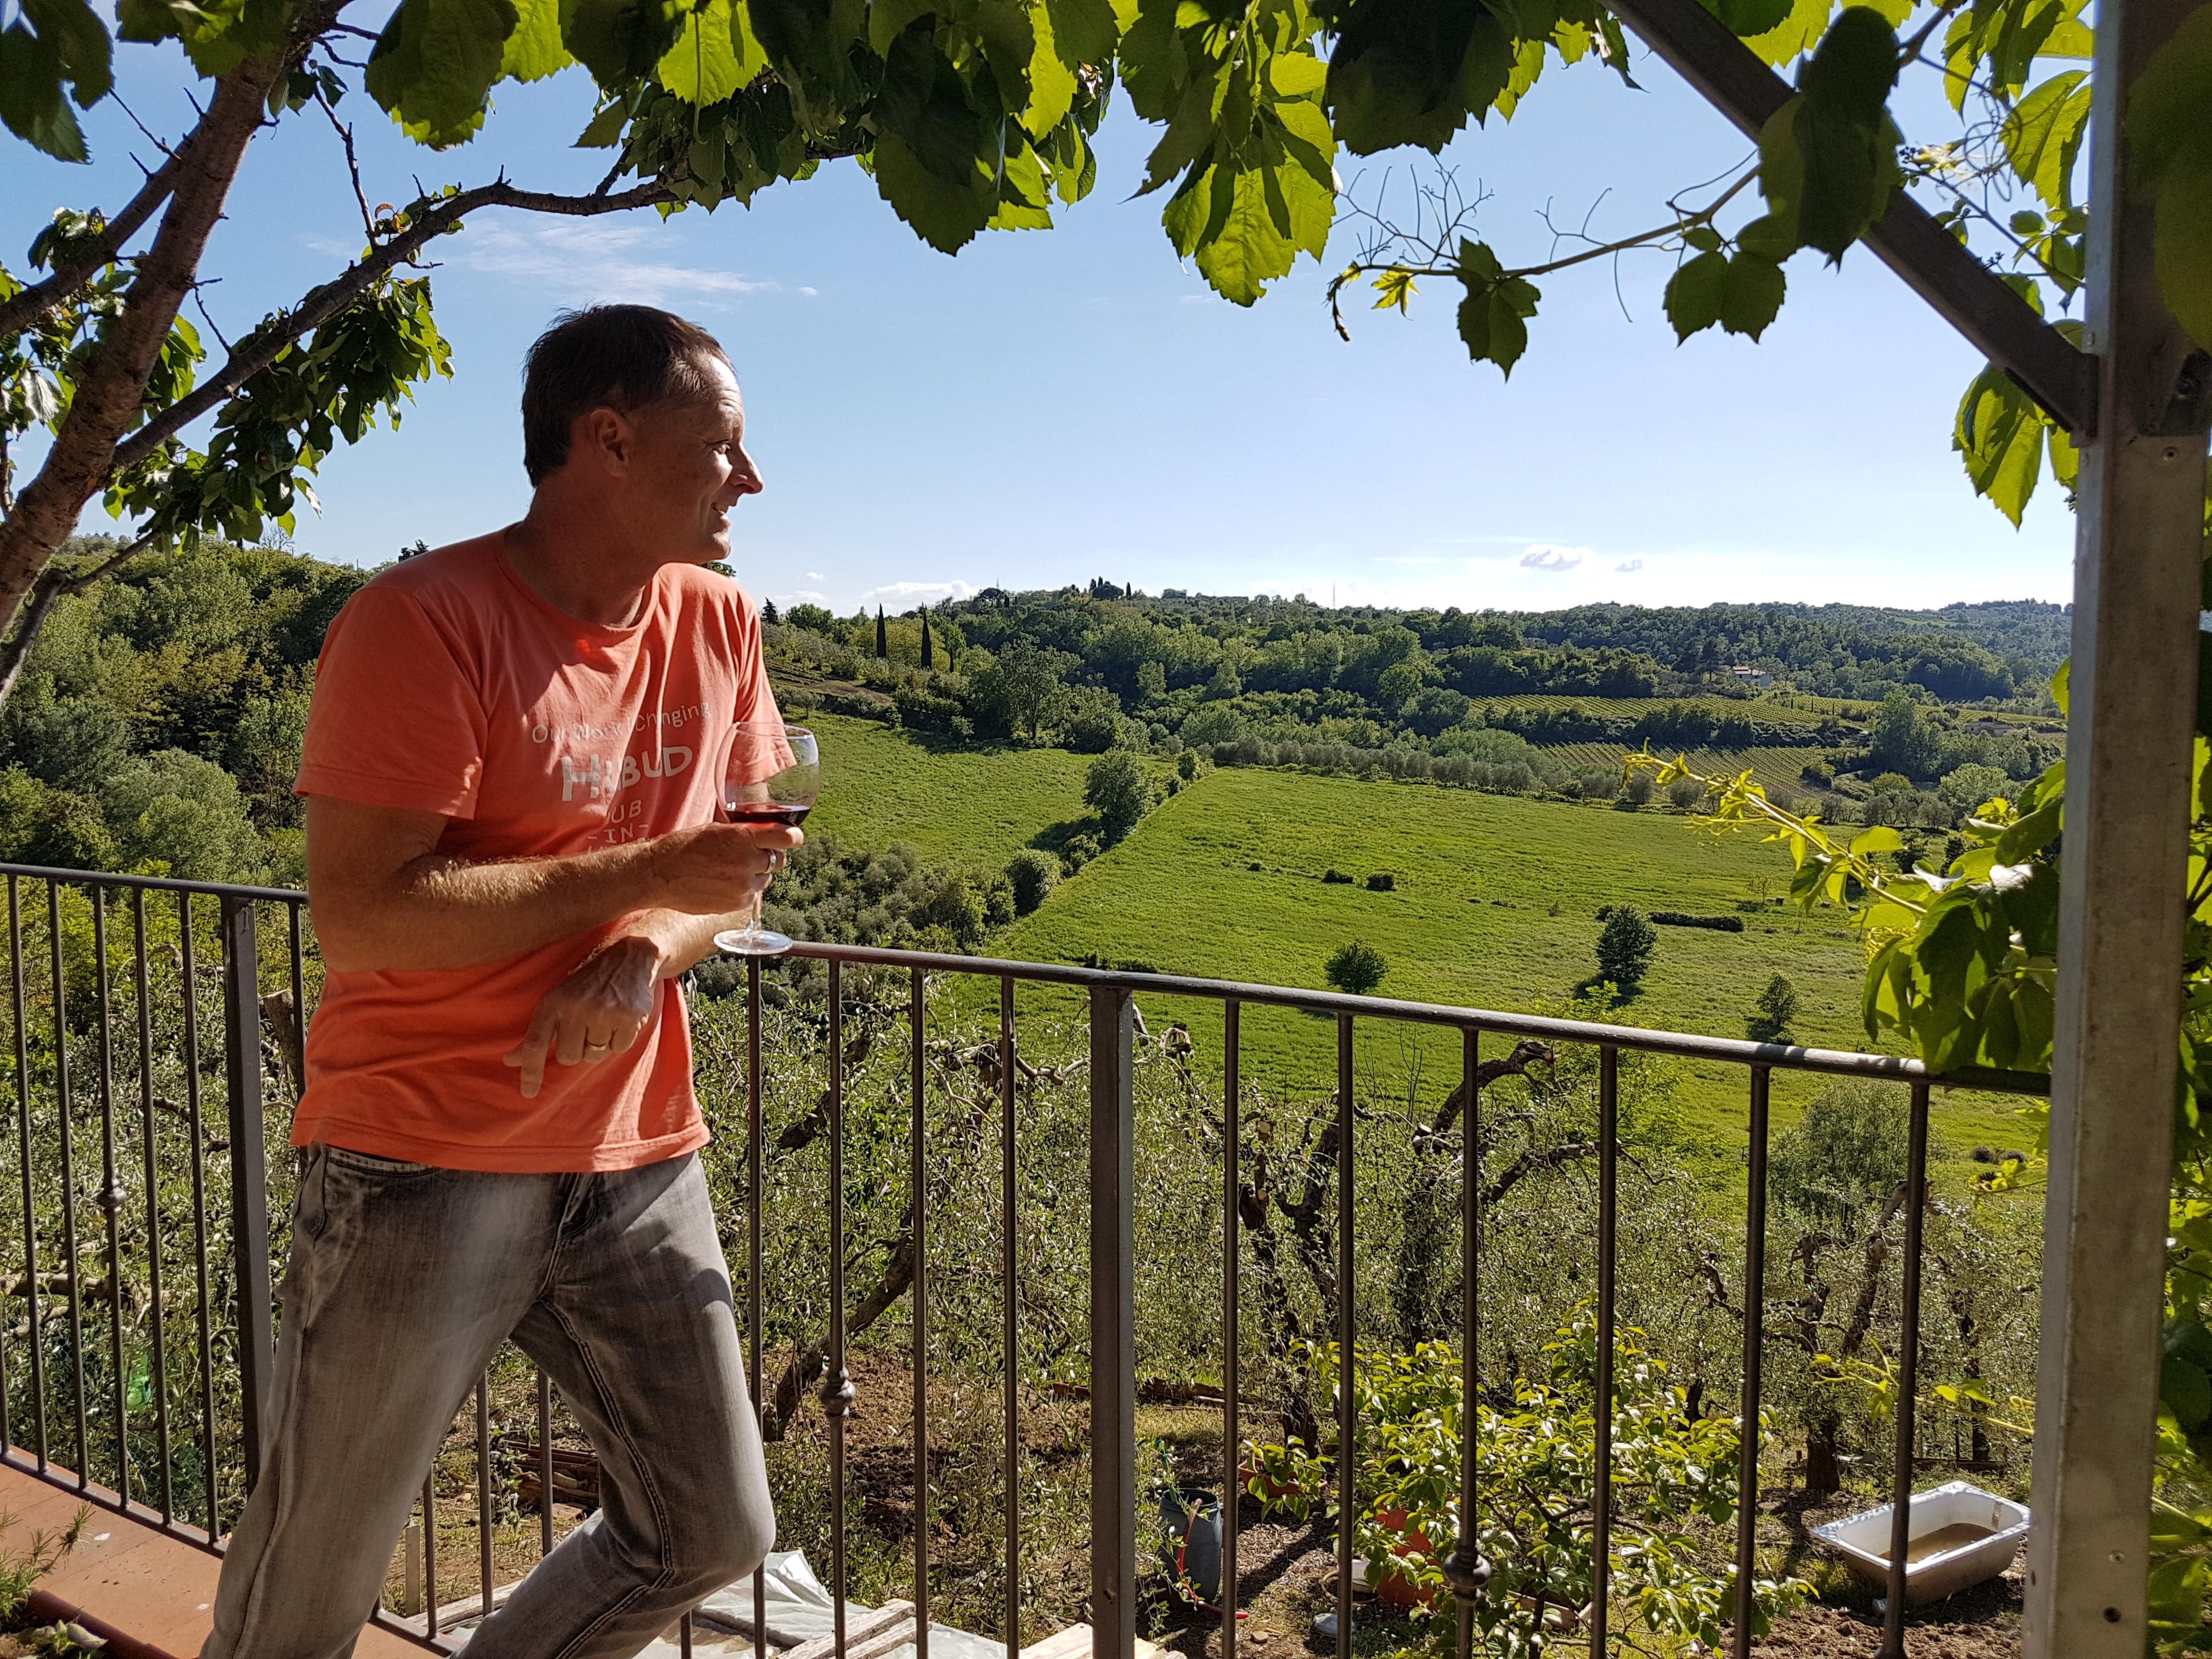 Enjoying the local productsin Tuscany